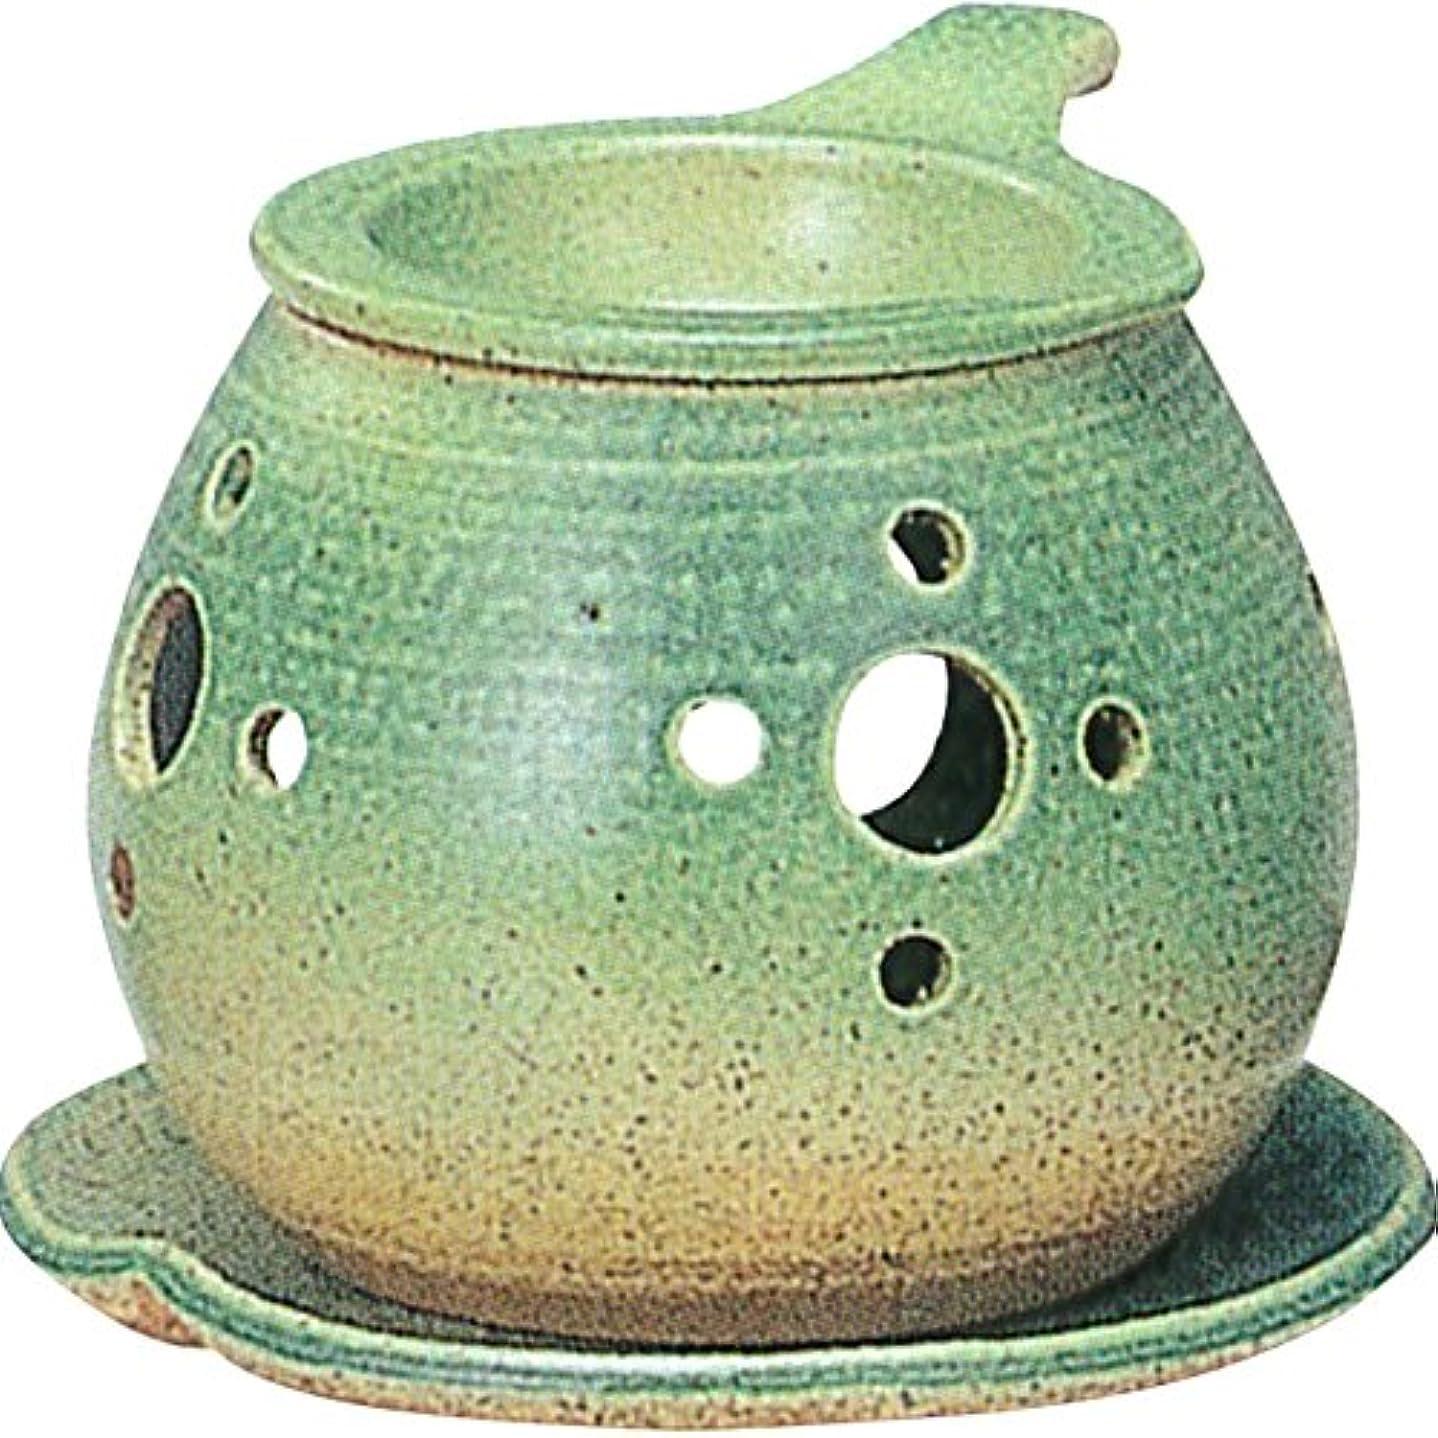 地殻床スナック茶香炉 : 常滑焼 間宮 茶香炉? ル35-02